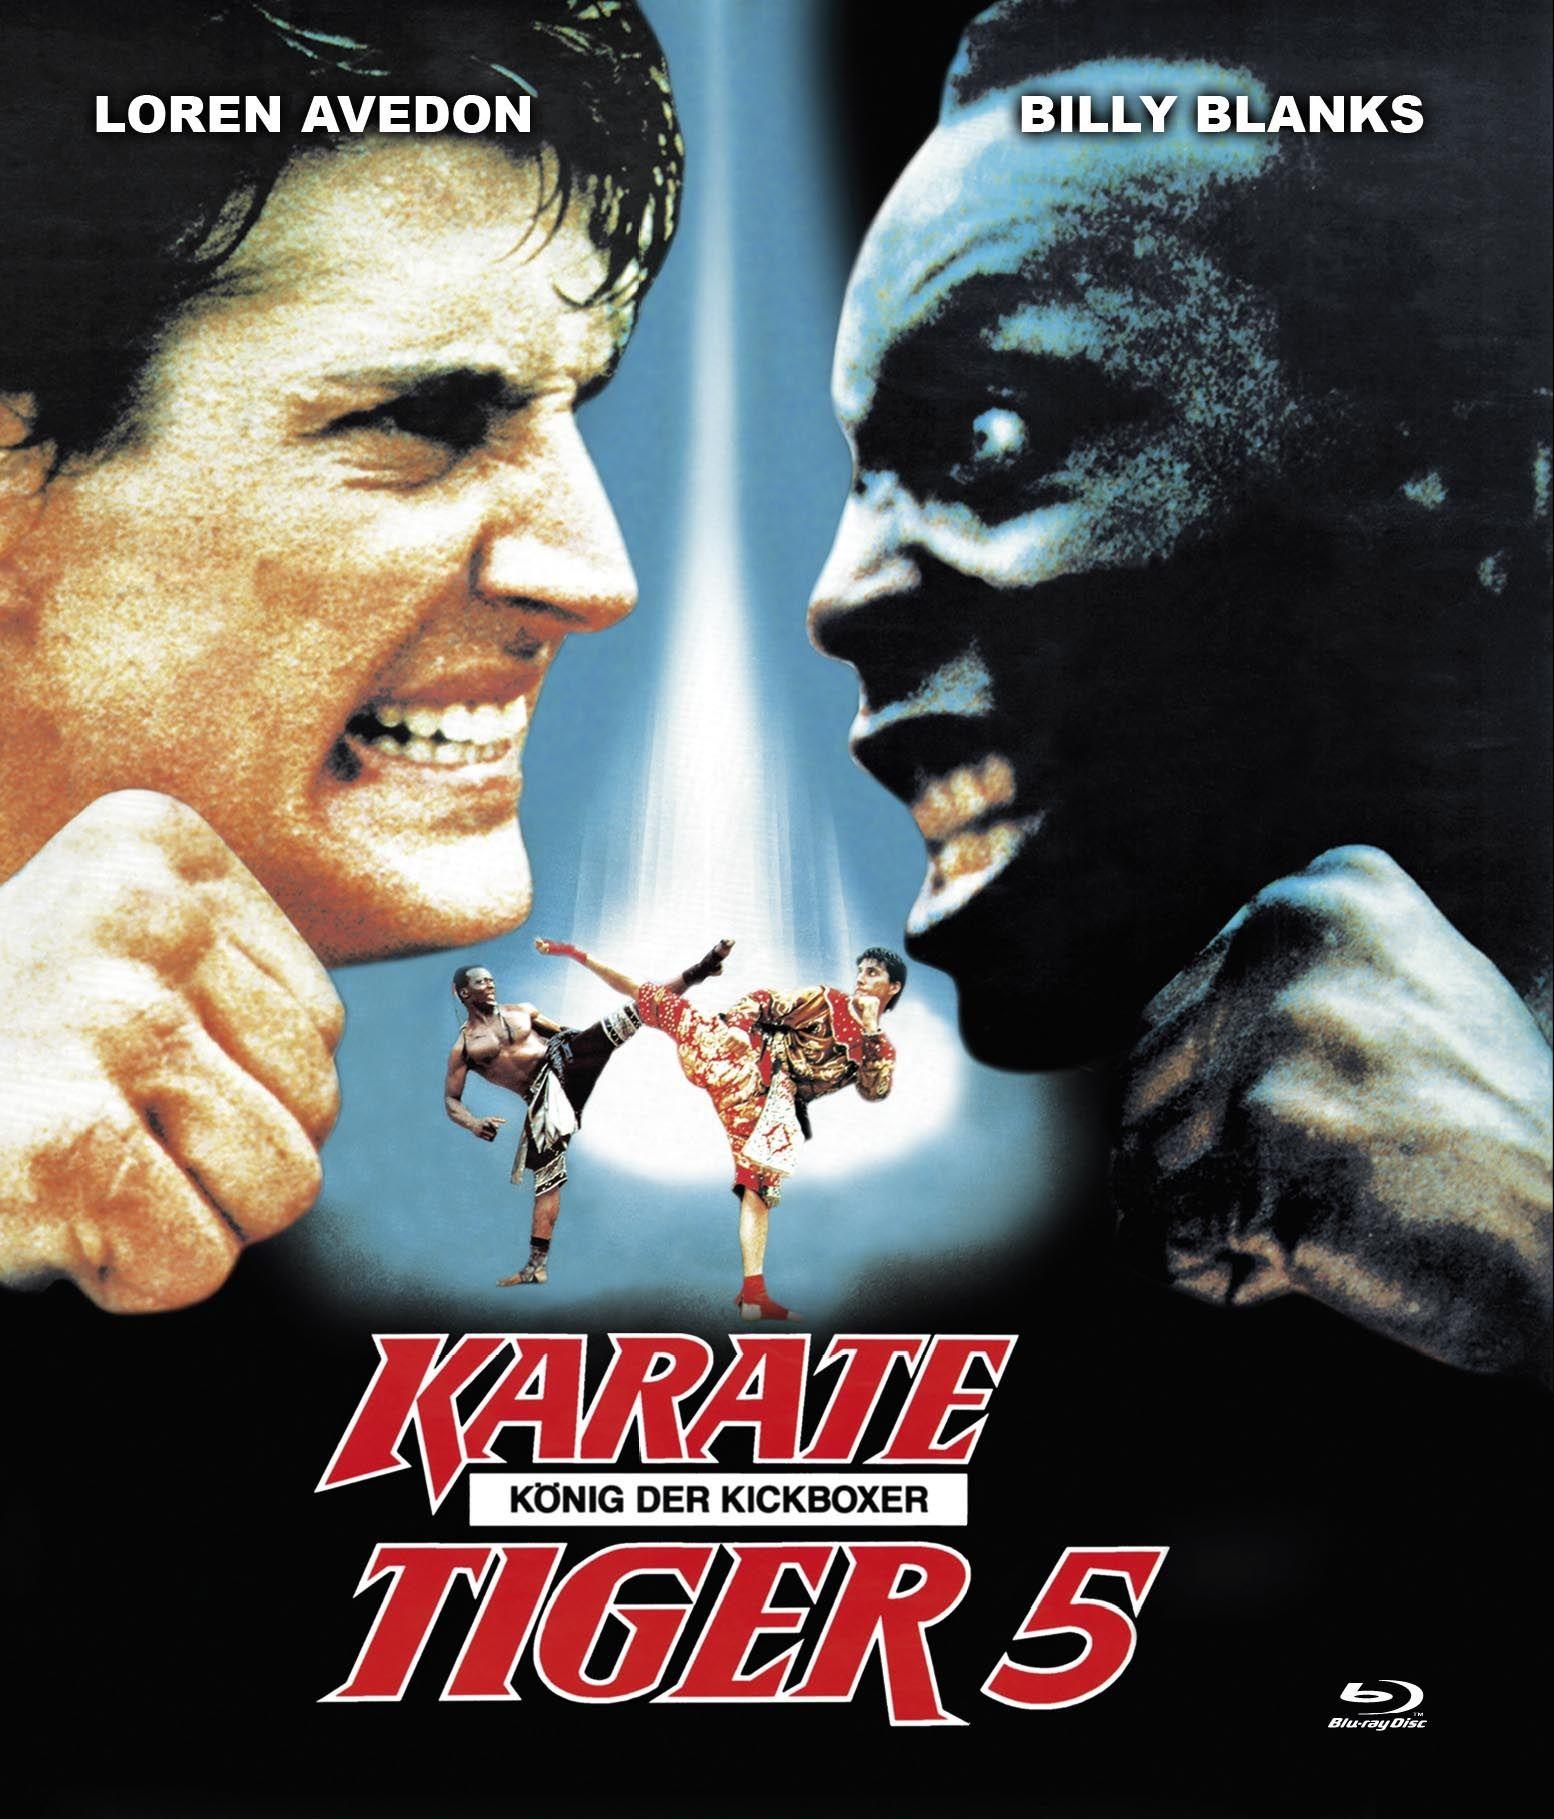 Karate Tiger 5 - König der Kickboxer (BLURAY)